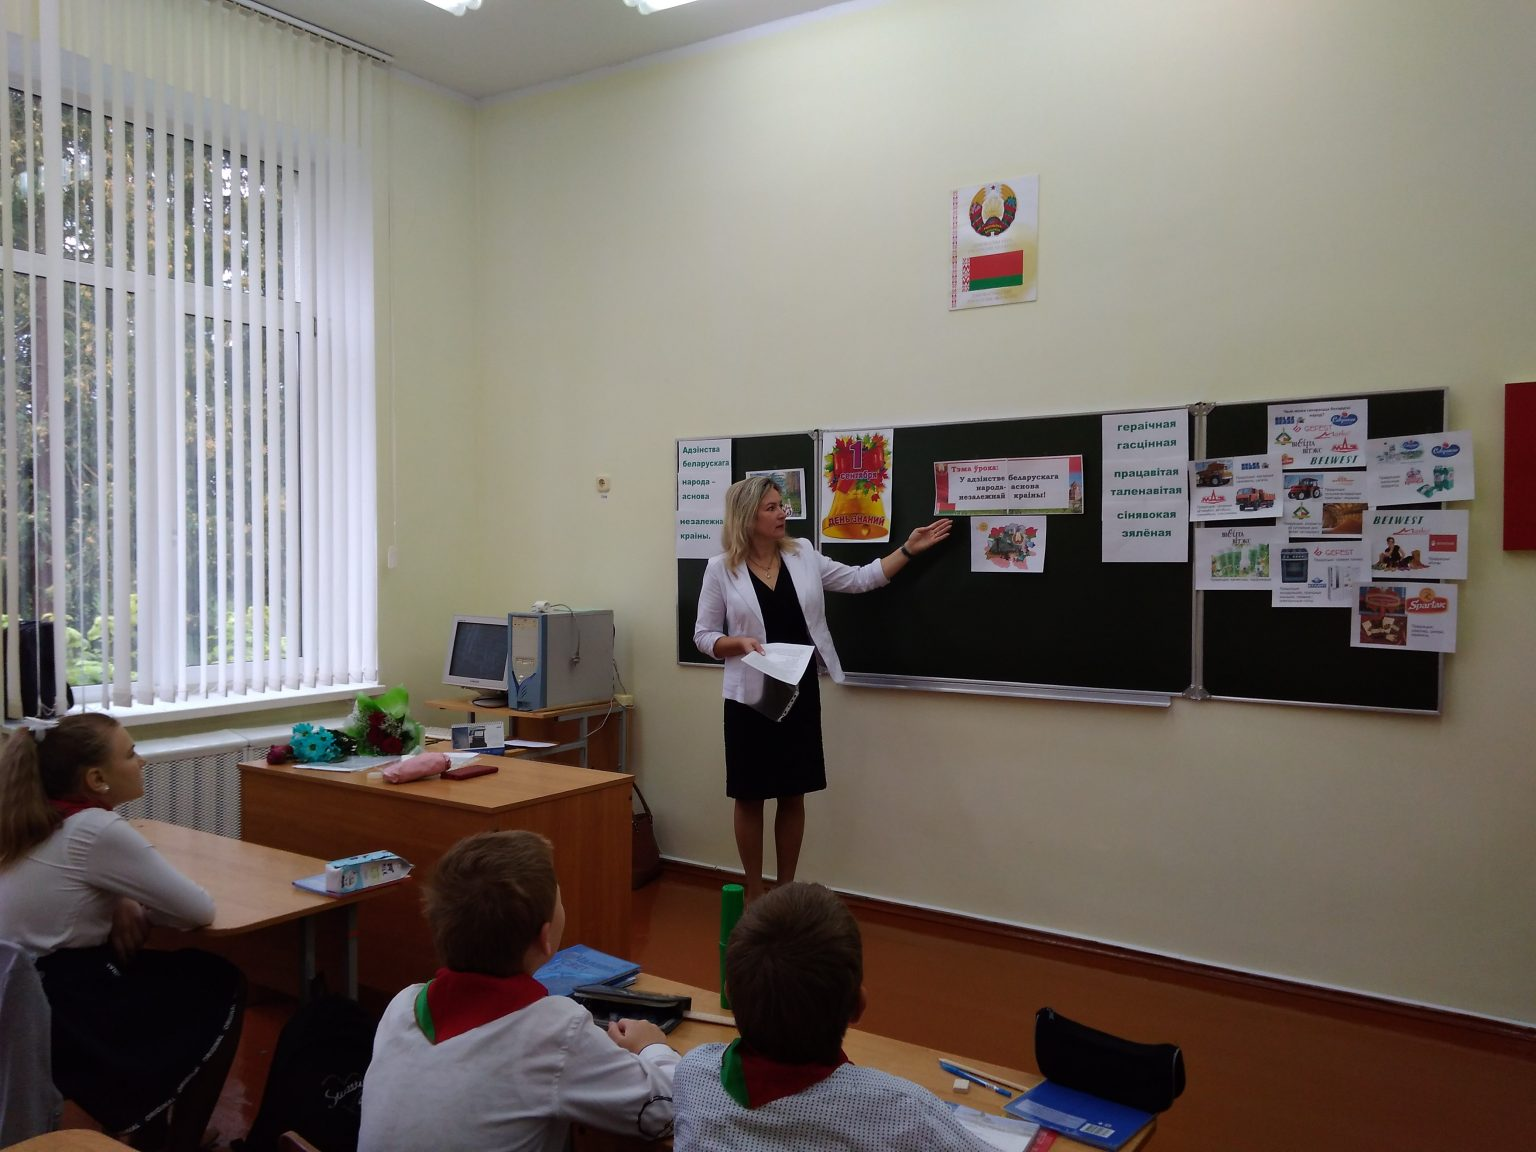 Полецкишская СШ (1 урок)